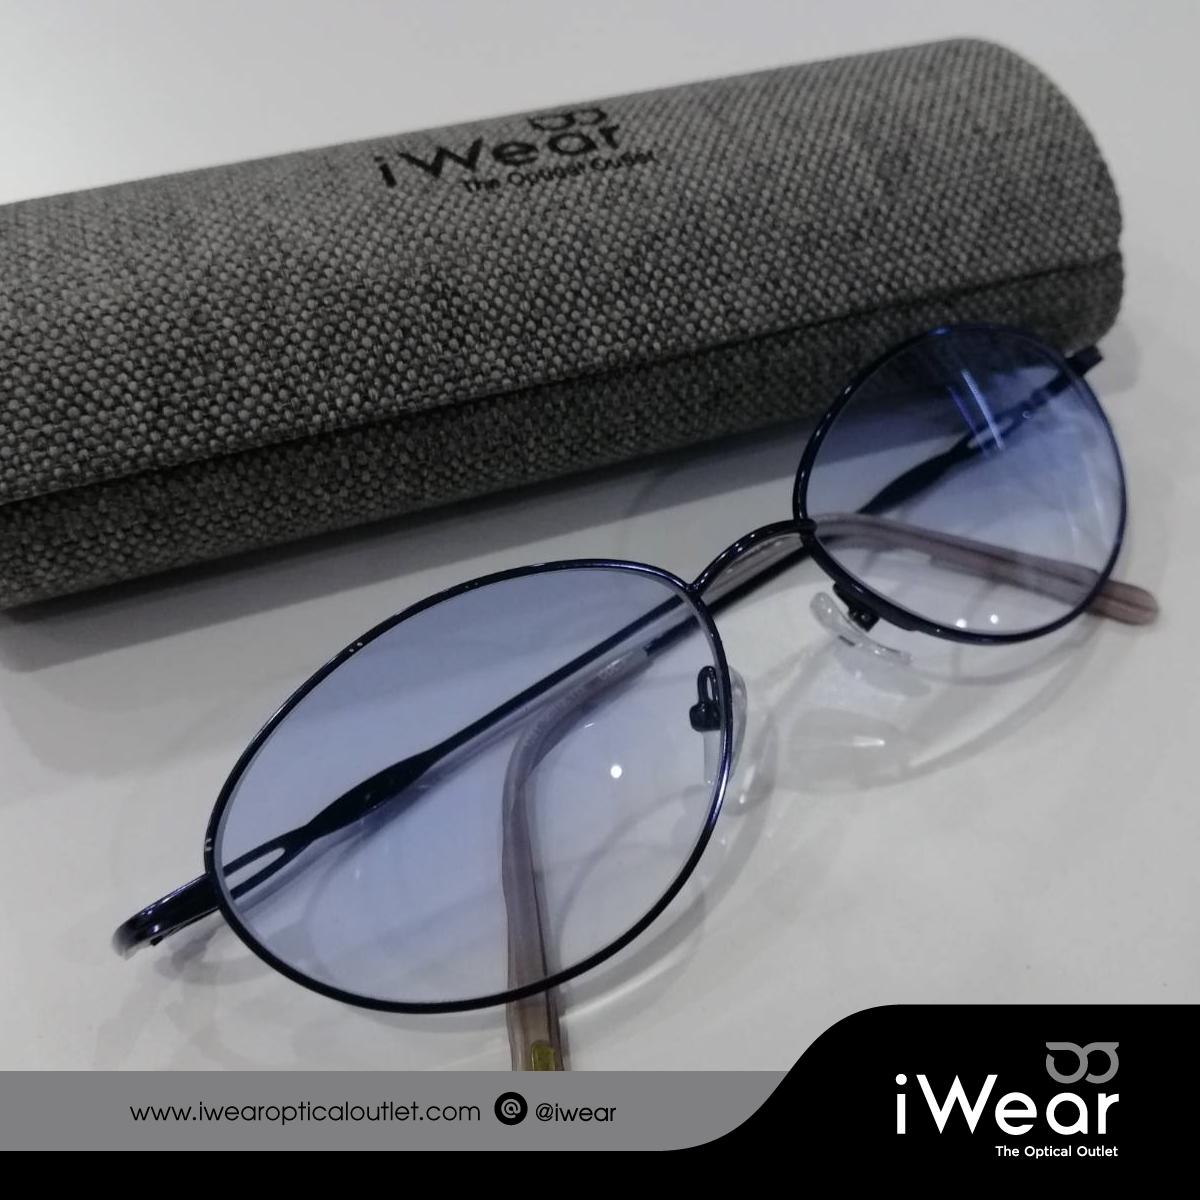 แว่นสายตา เลนส์สองชั้น (bifocal) แบบ Kryp-tok lens